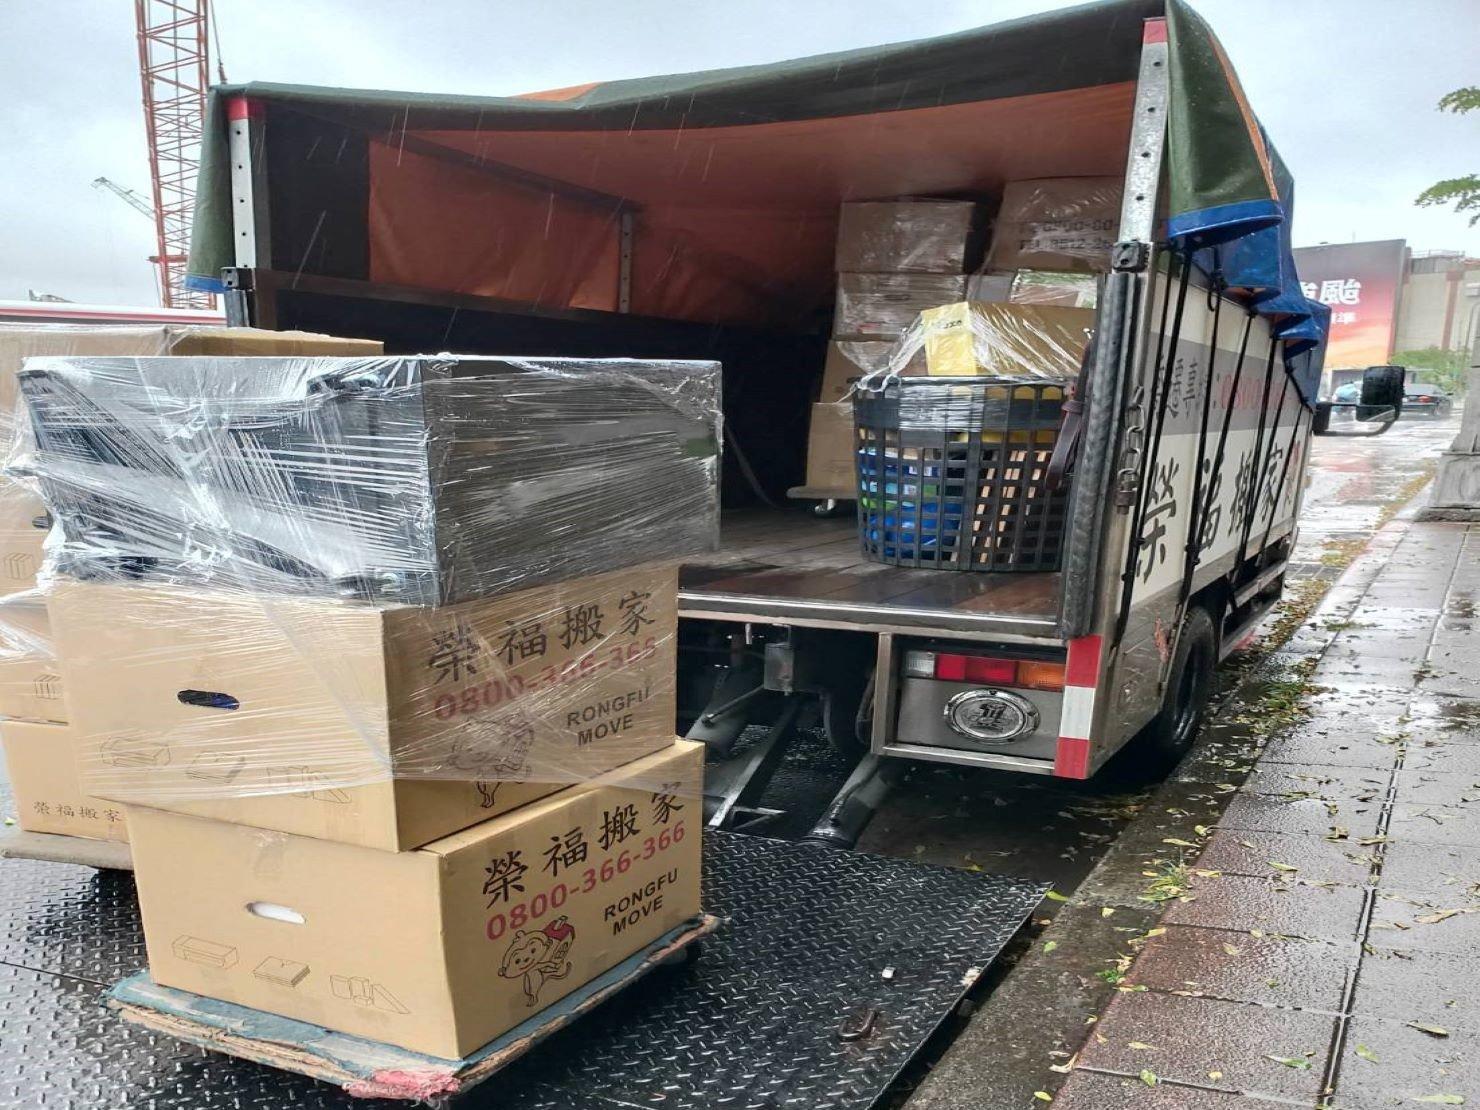 搬家公司【榮福搬家】口碑第一、台北搬家、新北搬家:榮福搬家貨車皆備有帆布,避免雨水滲入車內